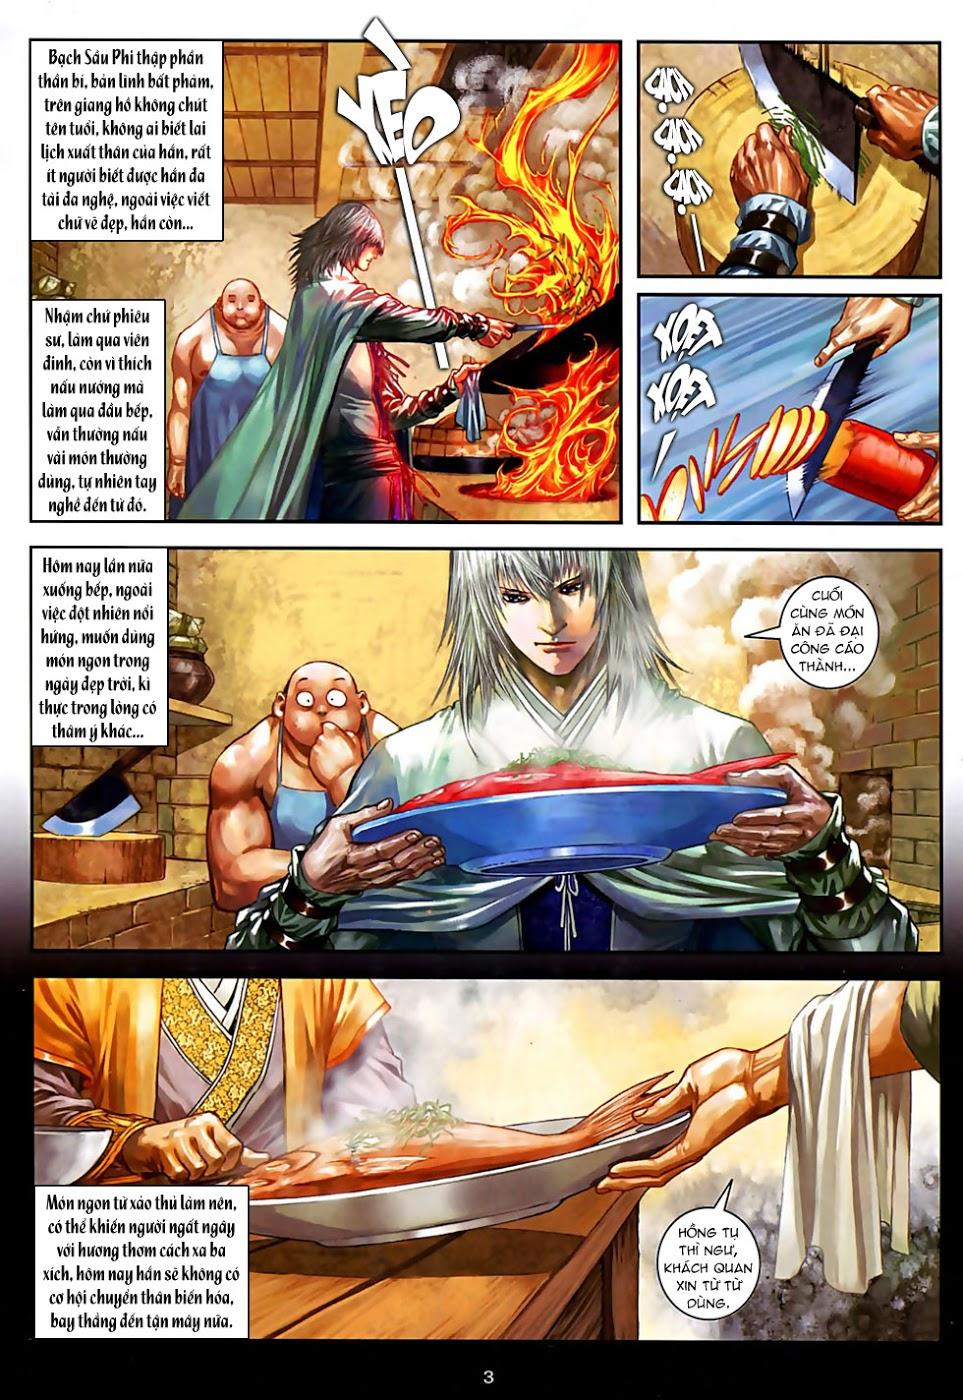 Ôn Thuỵ An Quần Hiệp Truyện Phần 2 chapter 30 trang 4